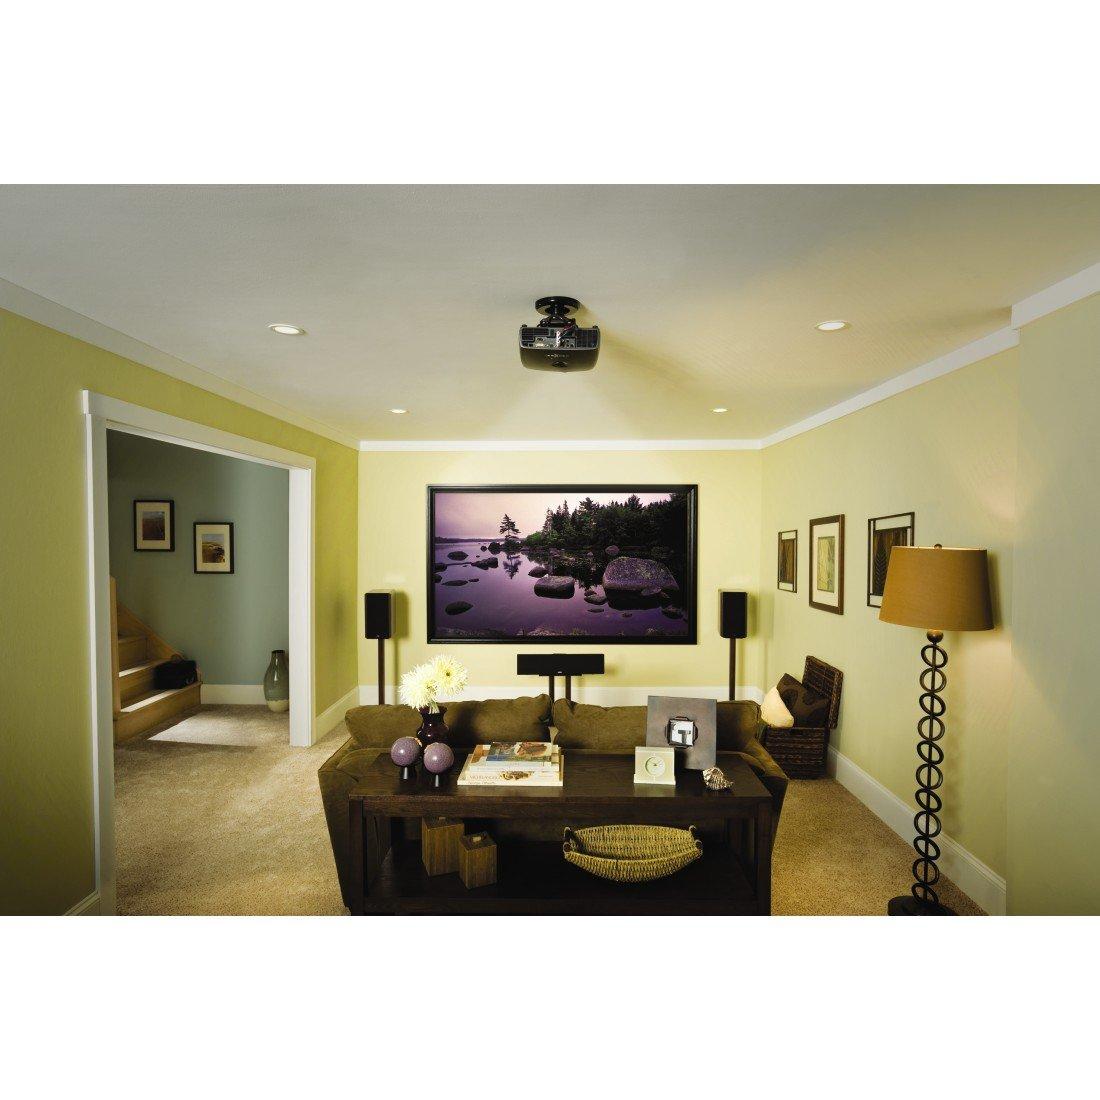 Amazon.com: Sanus VP1 Mount 35 lb Max Tilt & Swivel Projector ...